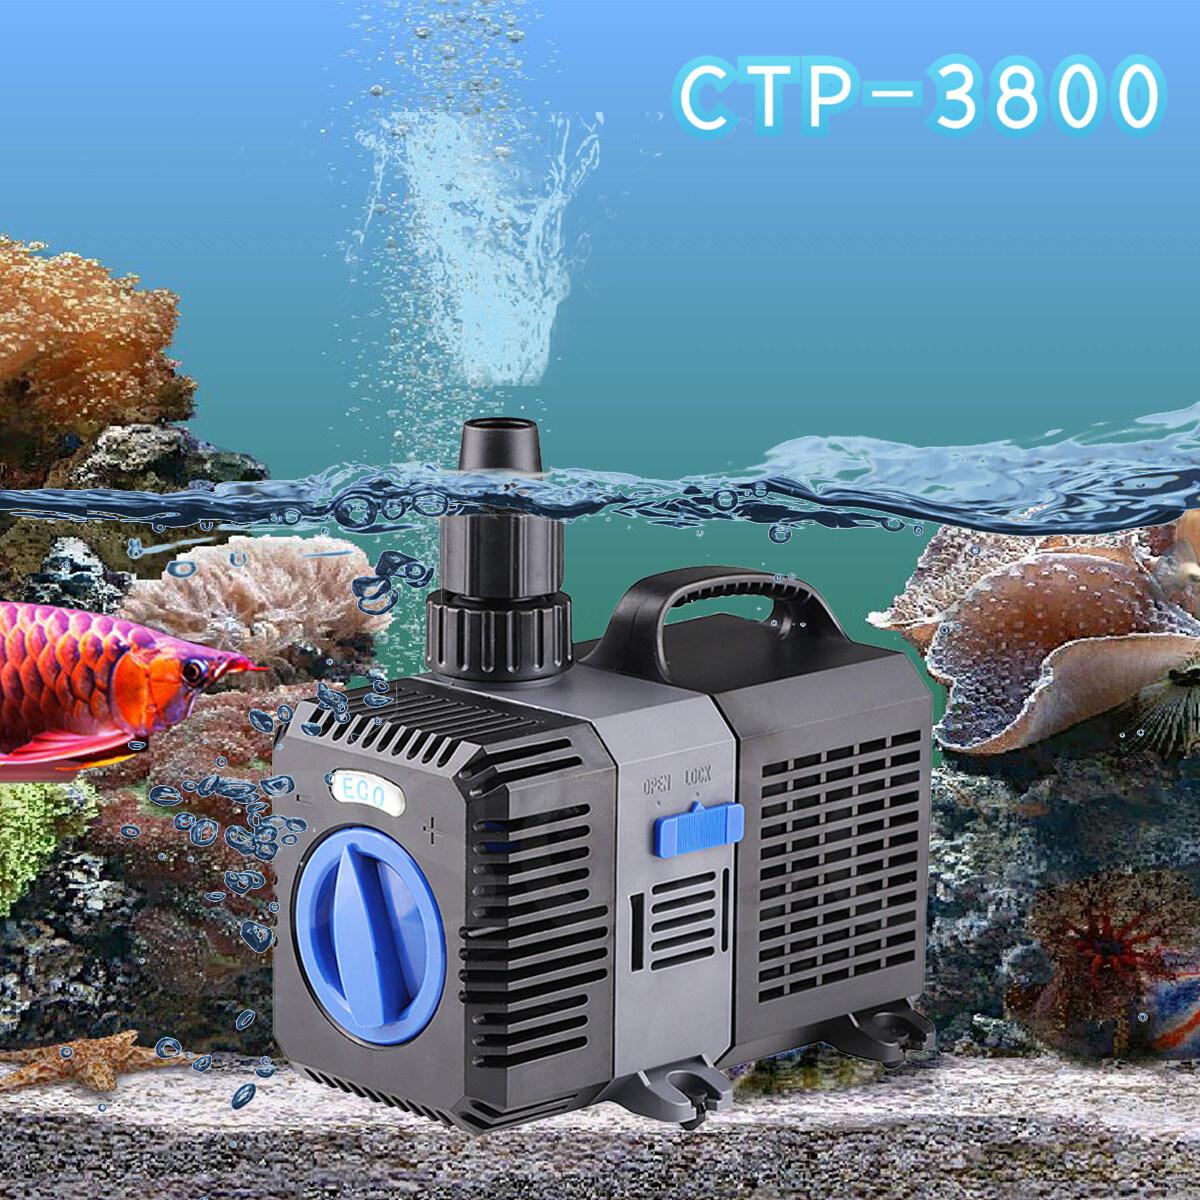 ปั้มน้ำ GRECH ประหยัดไฟ รุ่น CTP - 3800 ปั้มบ่อปลา ปั้มบ่อกุ้ง ปั้มน้ำตก ปั้มน้ำพุ อาหารปลา ปั้มลม fish pond pump shrimp pond pump waterfall pump fountain pump fish food air pump